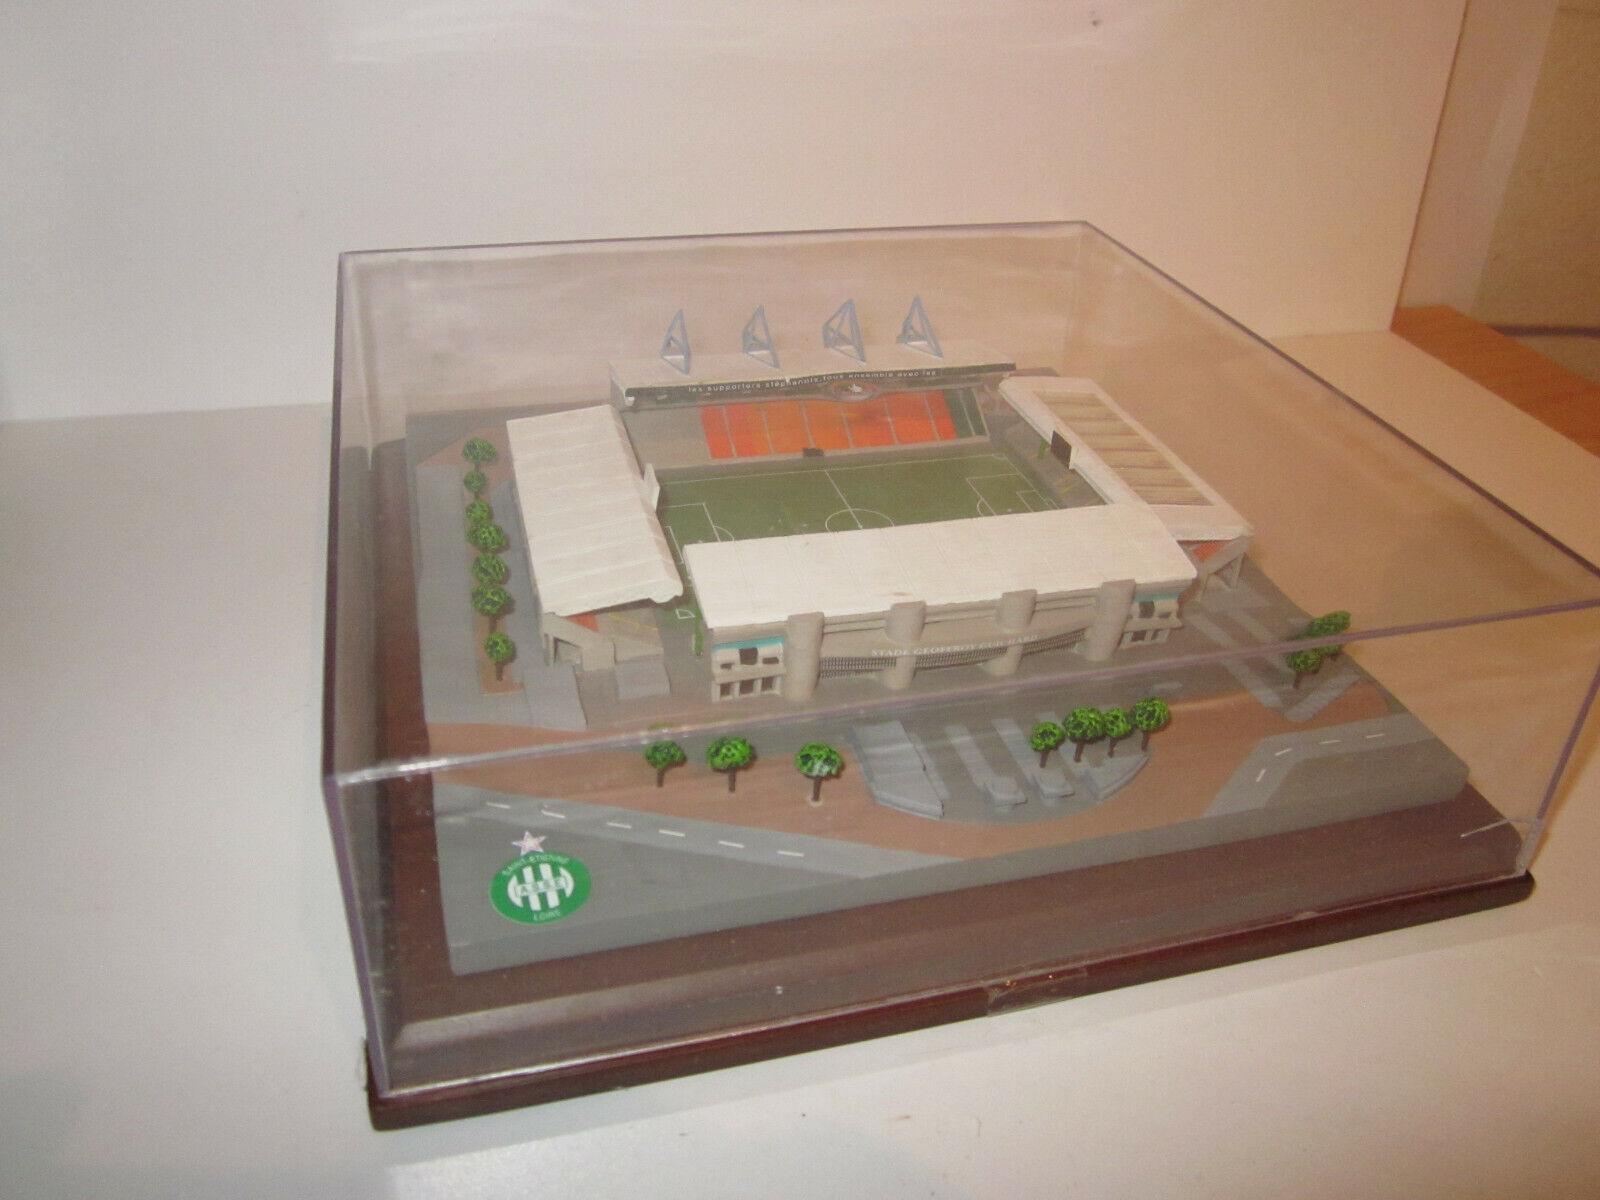 STADE DE FOOTBALL Geoffroy Guichard ST ETIENNE Miniature modele rojouit Maquette